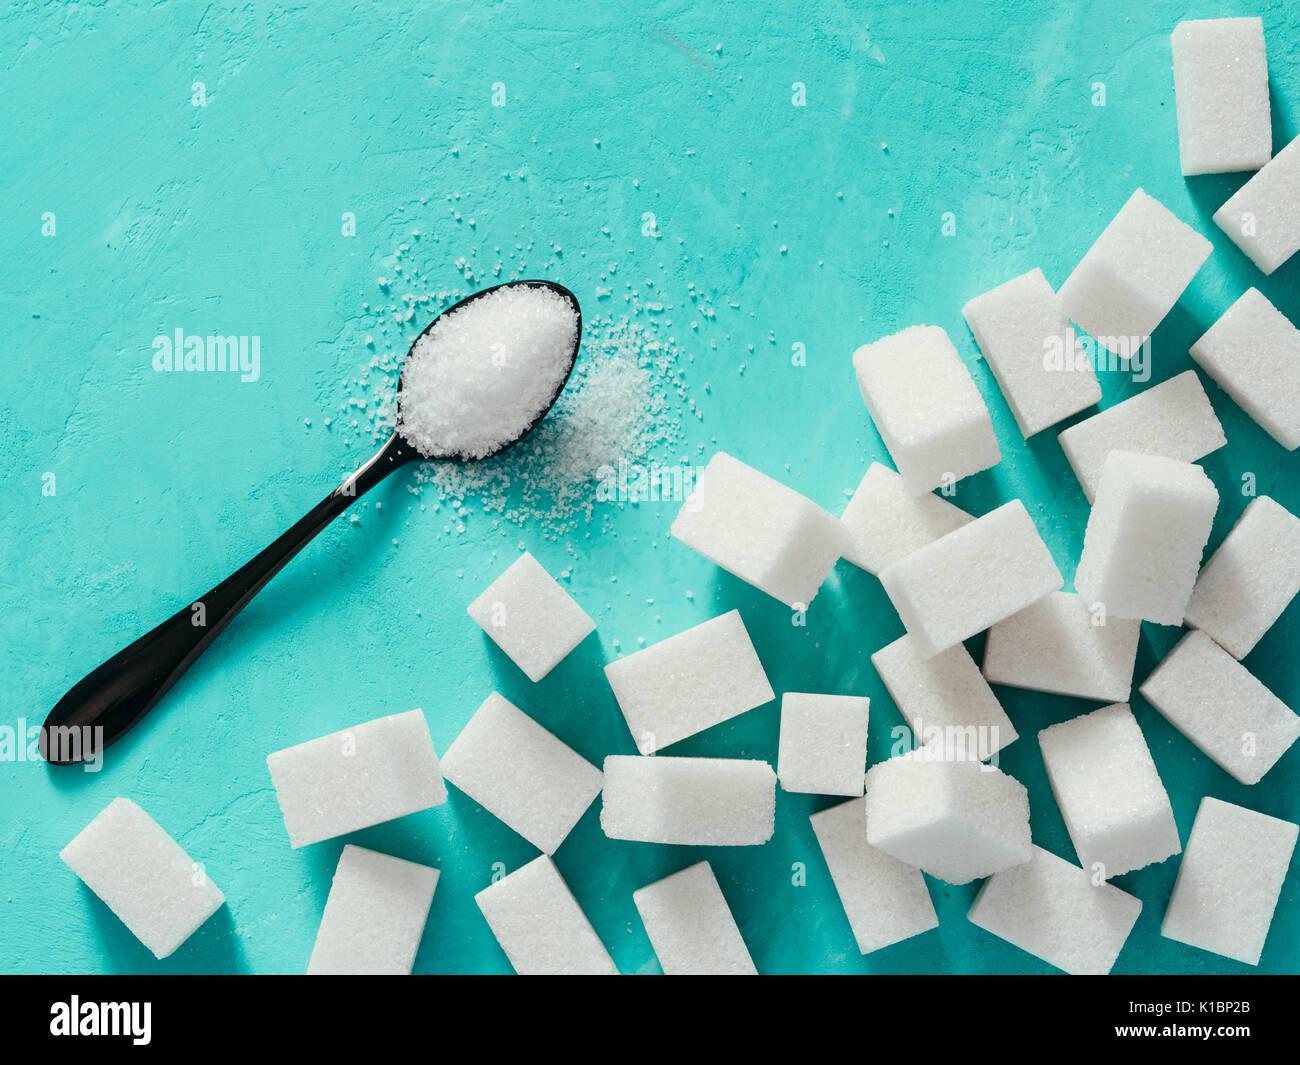 Hintergrund der Würfel Zucker und Zucker, Löffel. Weißzucker auf Türkisfarbenem Hintergrund. Zucker mit kopieren. Top View oder flach Stockbild